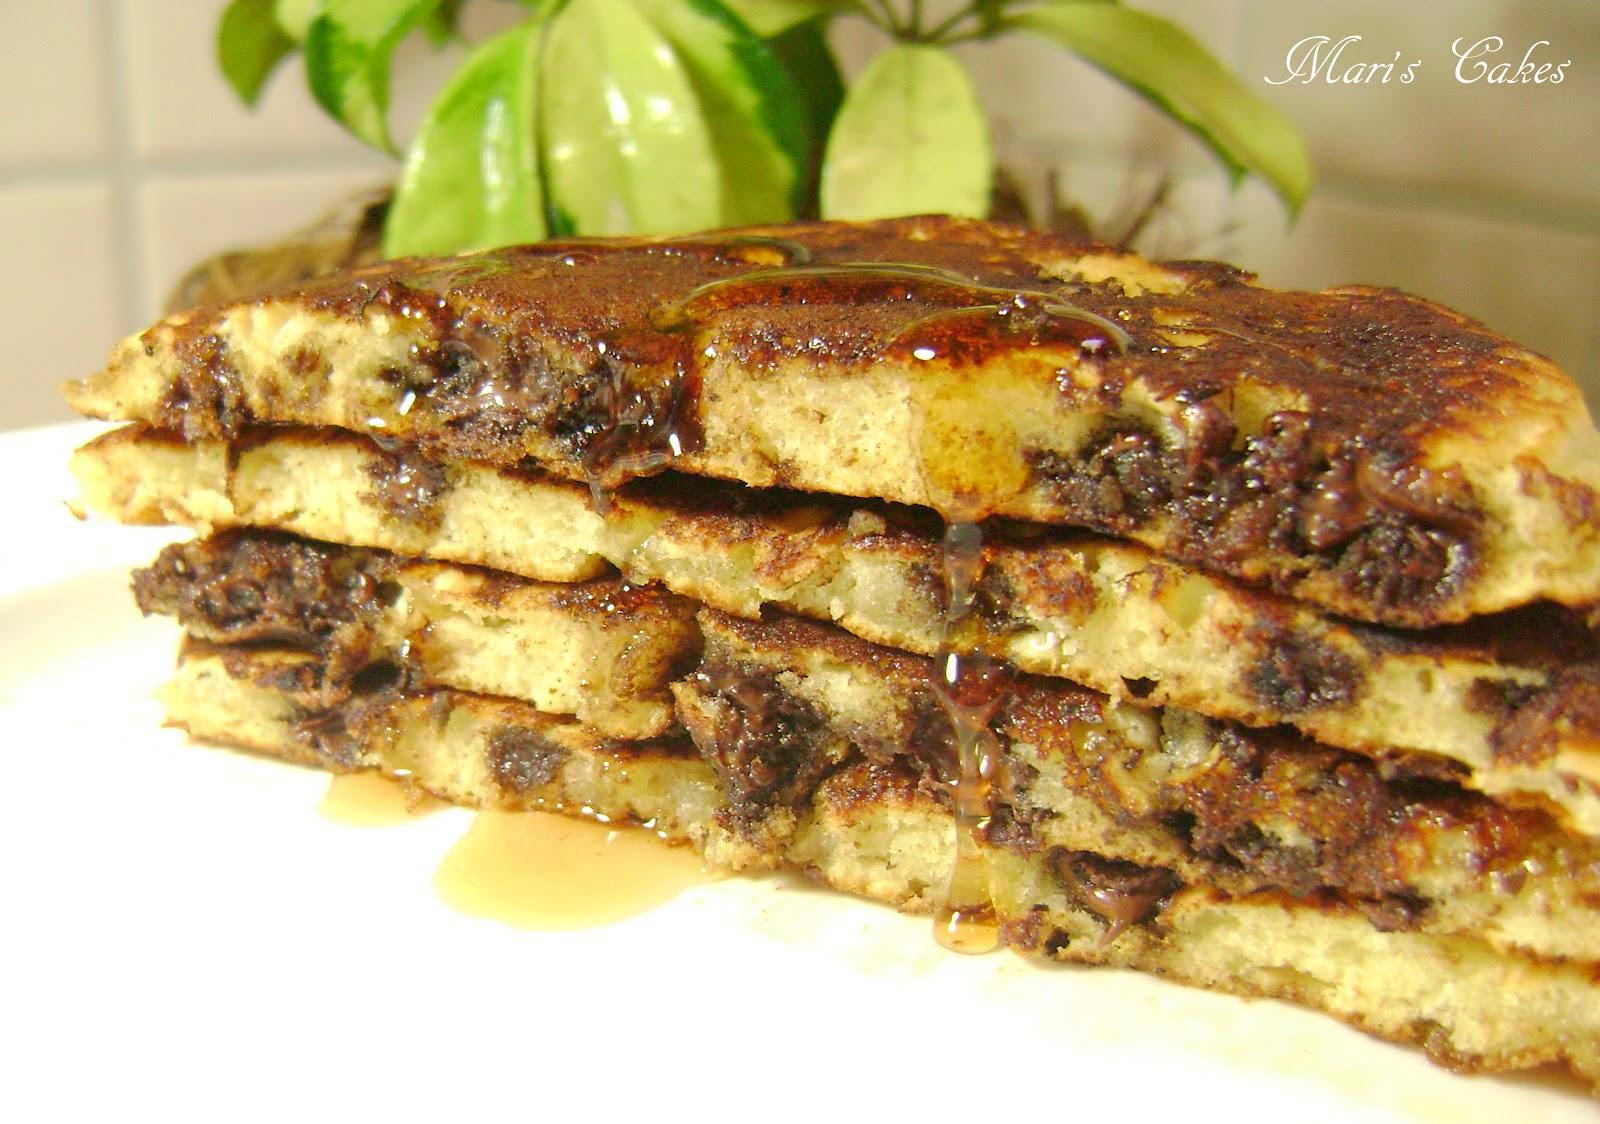 Trileqe Receta E Cekes http://aloesoul.com/3/receta-e-cekes